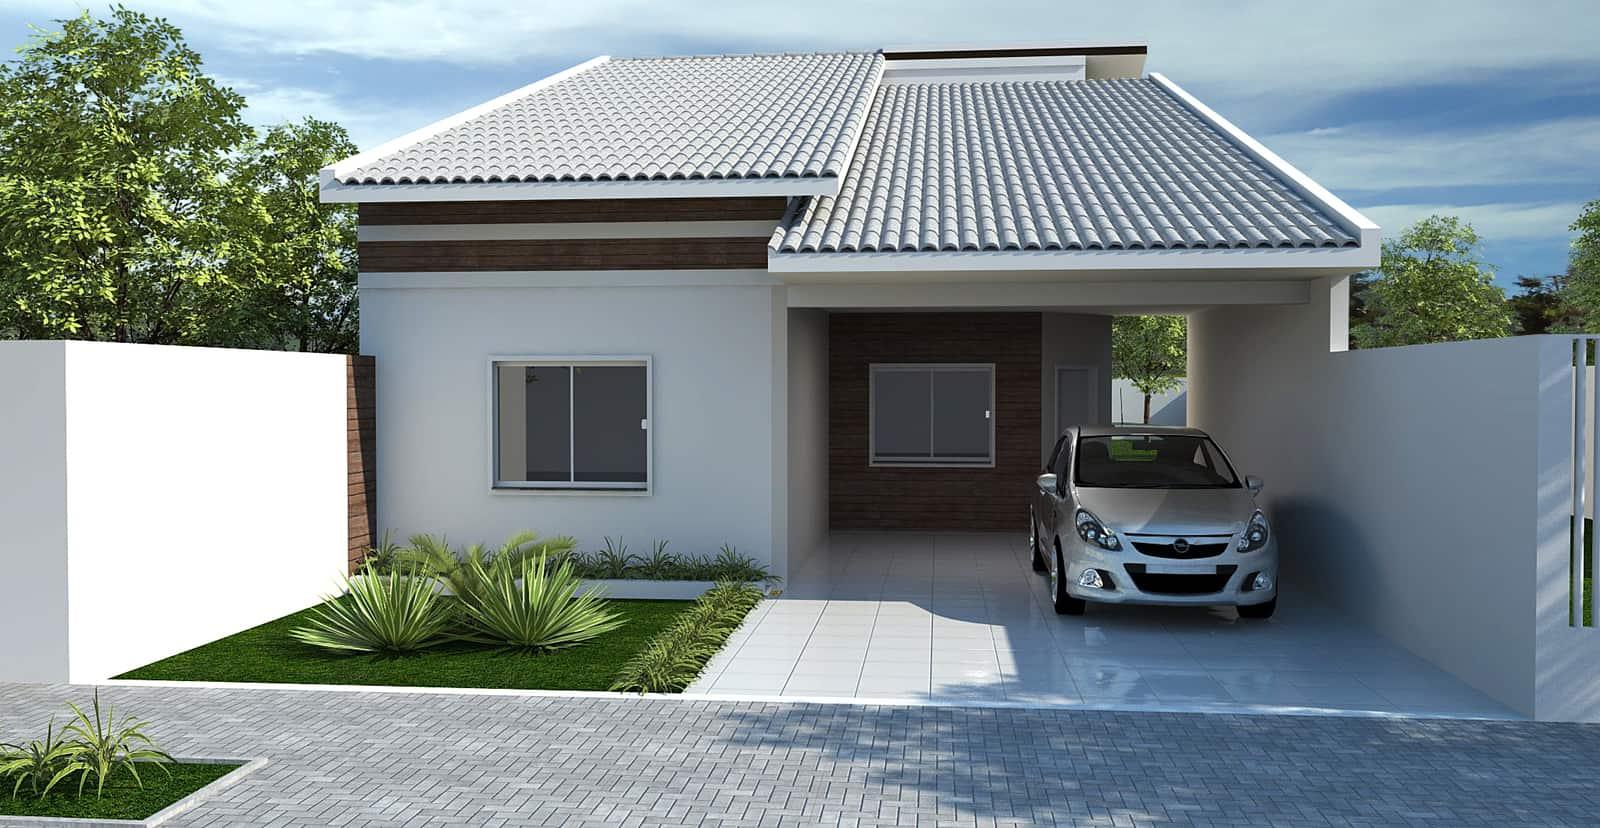 17 ideias de fachada para casas pequenas veja fotos - Fachada de casas ...